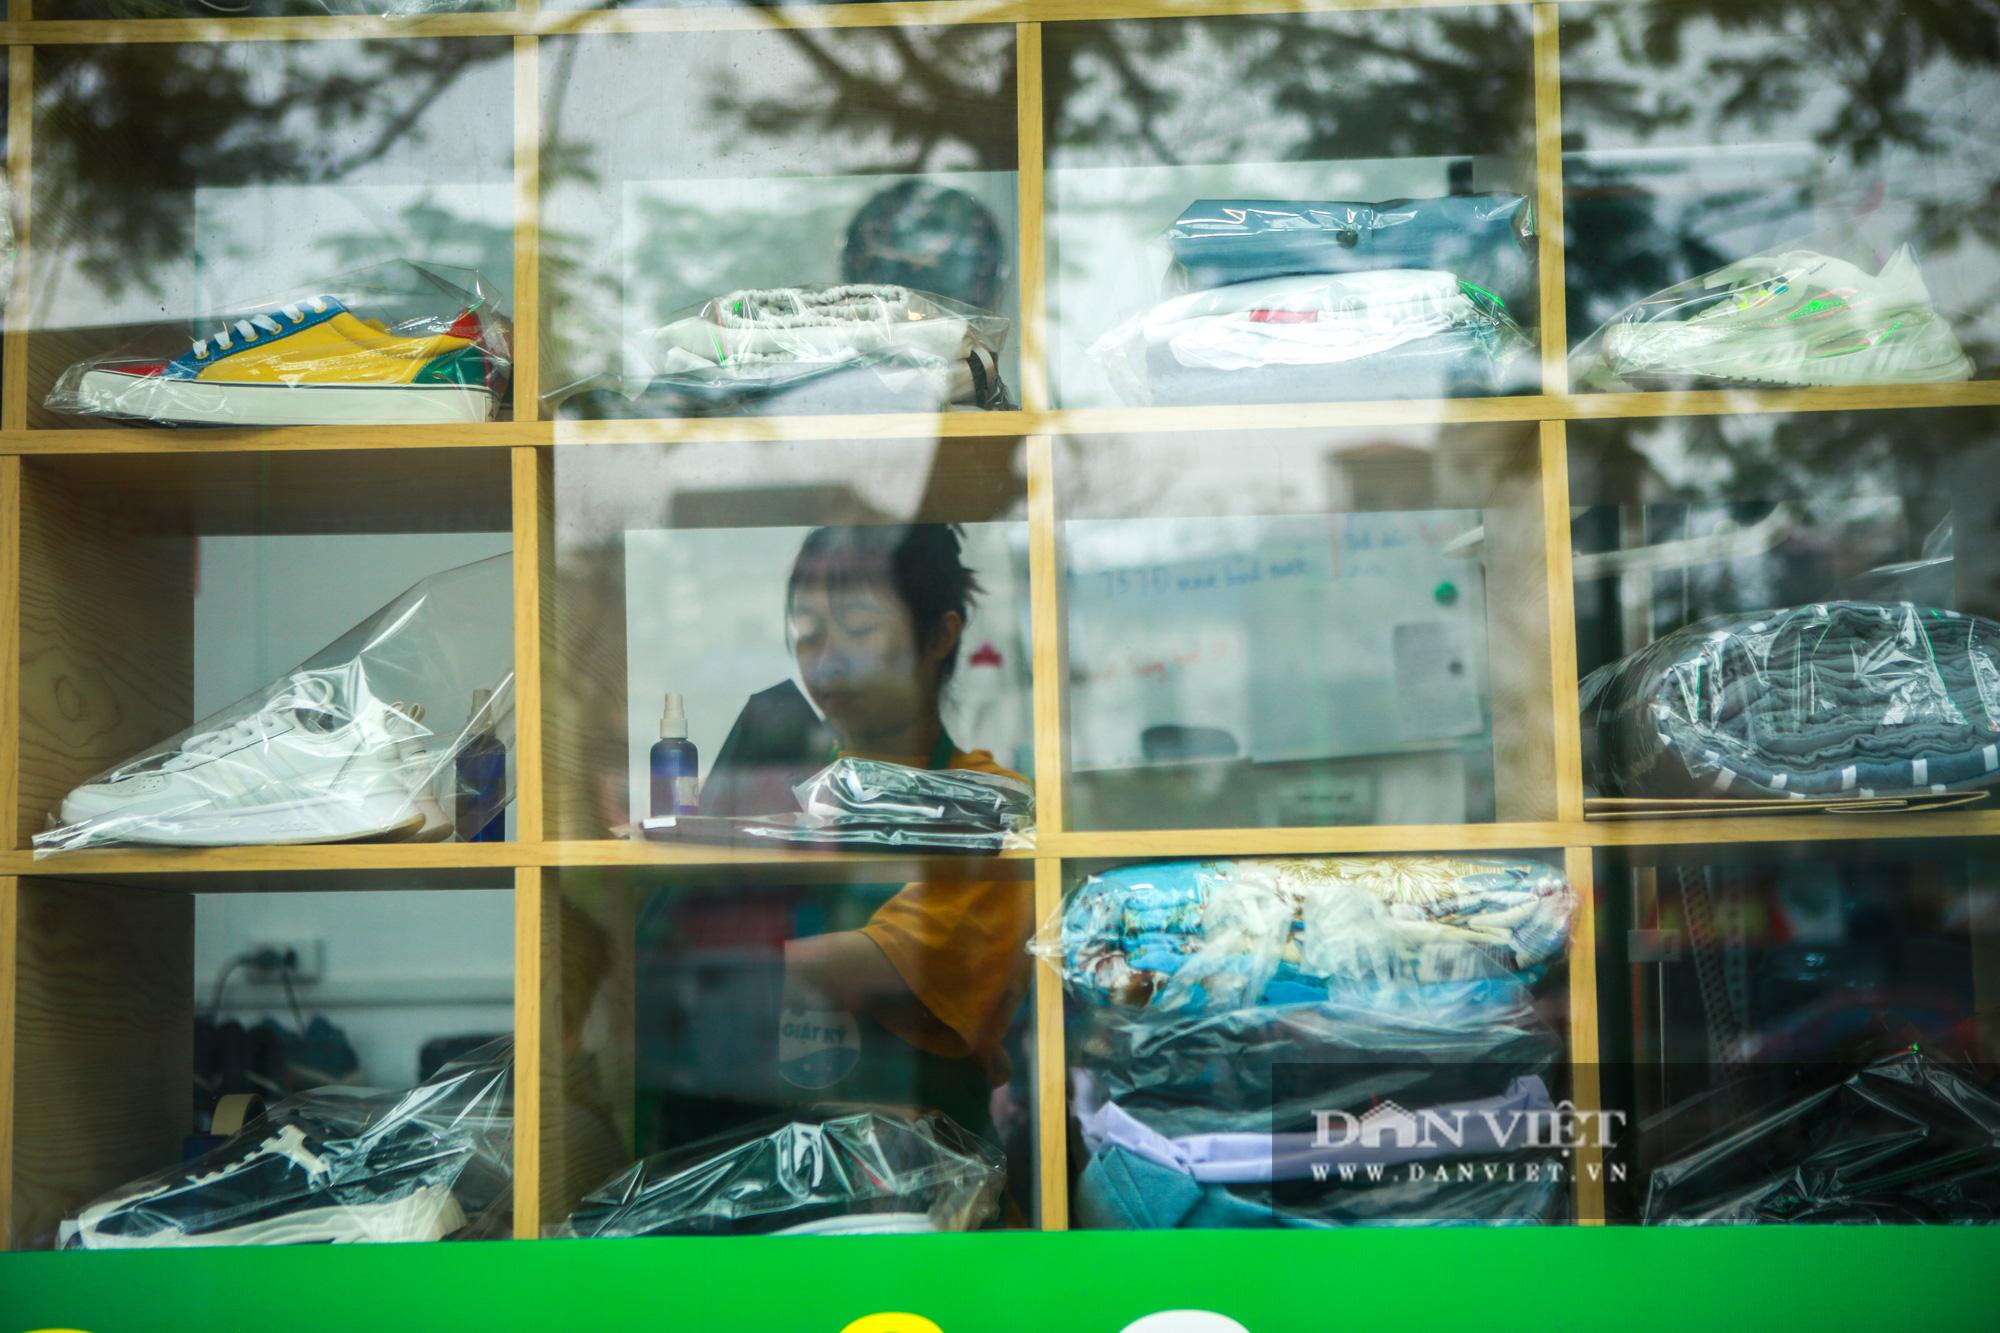 Tiệm giặt là không tiếng nói của những cô gái xinh đẹp tại Hà Nội - Ảnh 6.